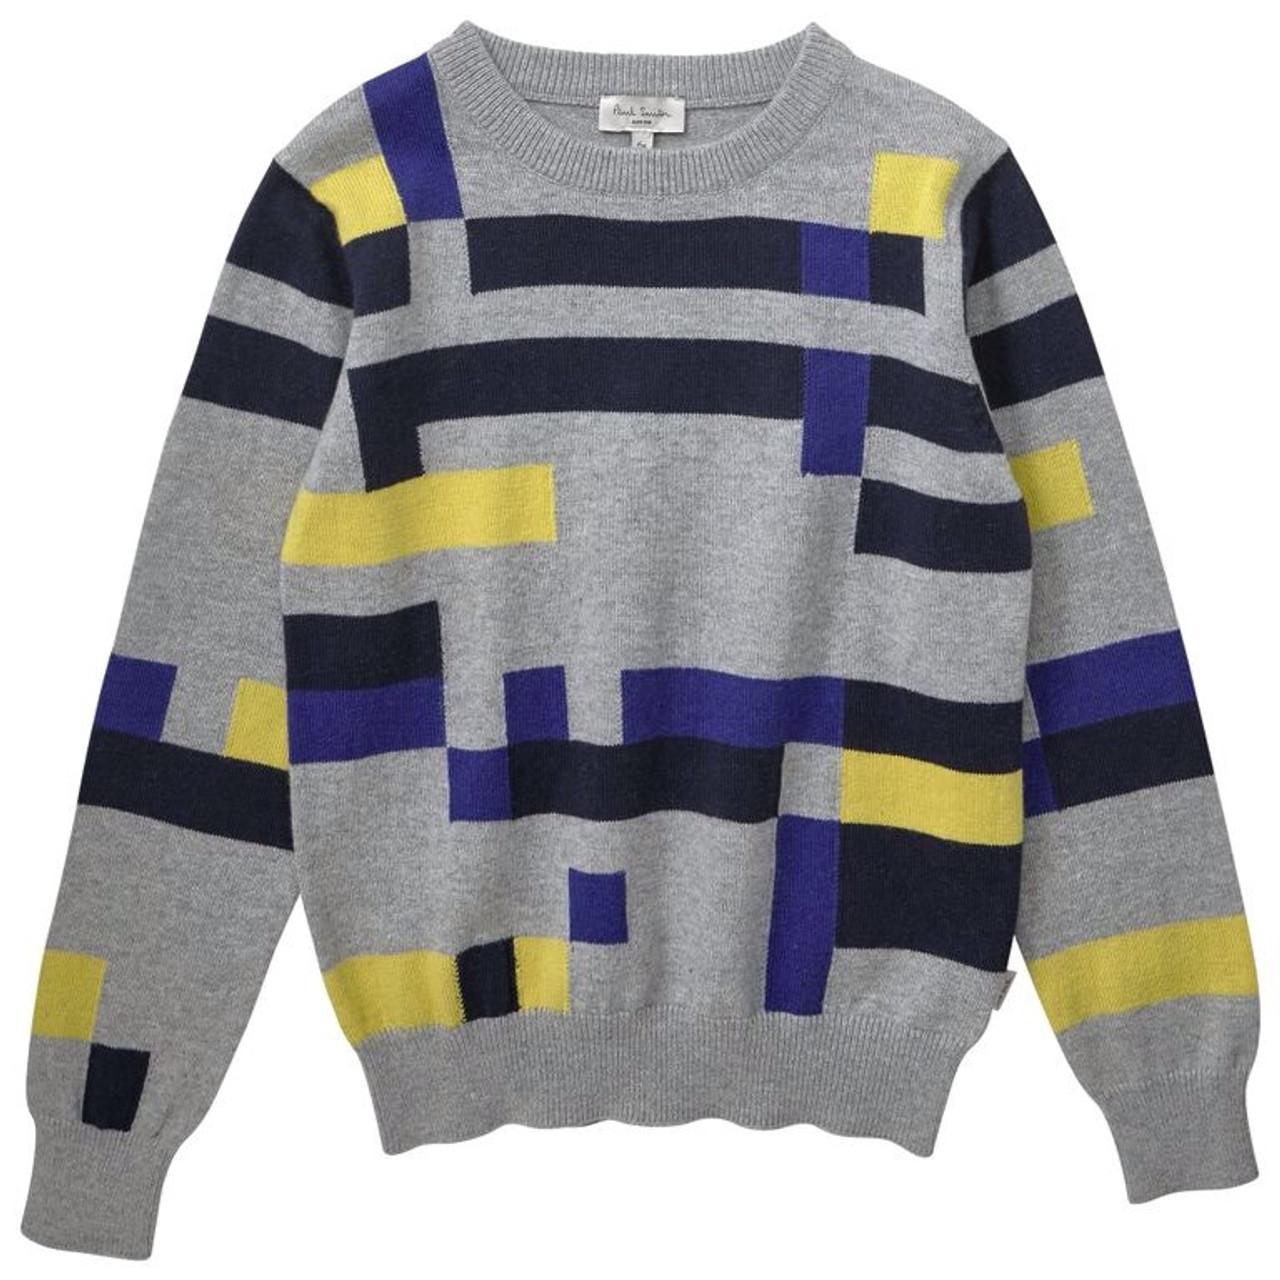 cae122fa36 Paul Smith boys color-block sweater in bright colors.